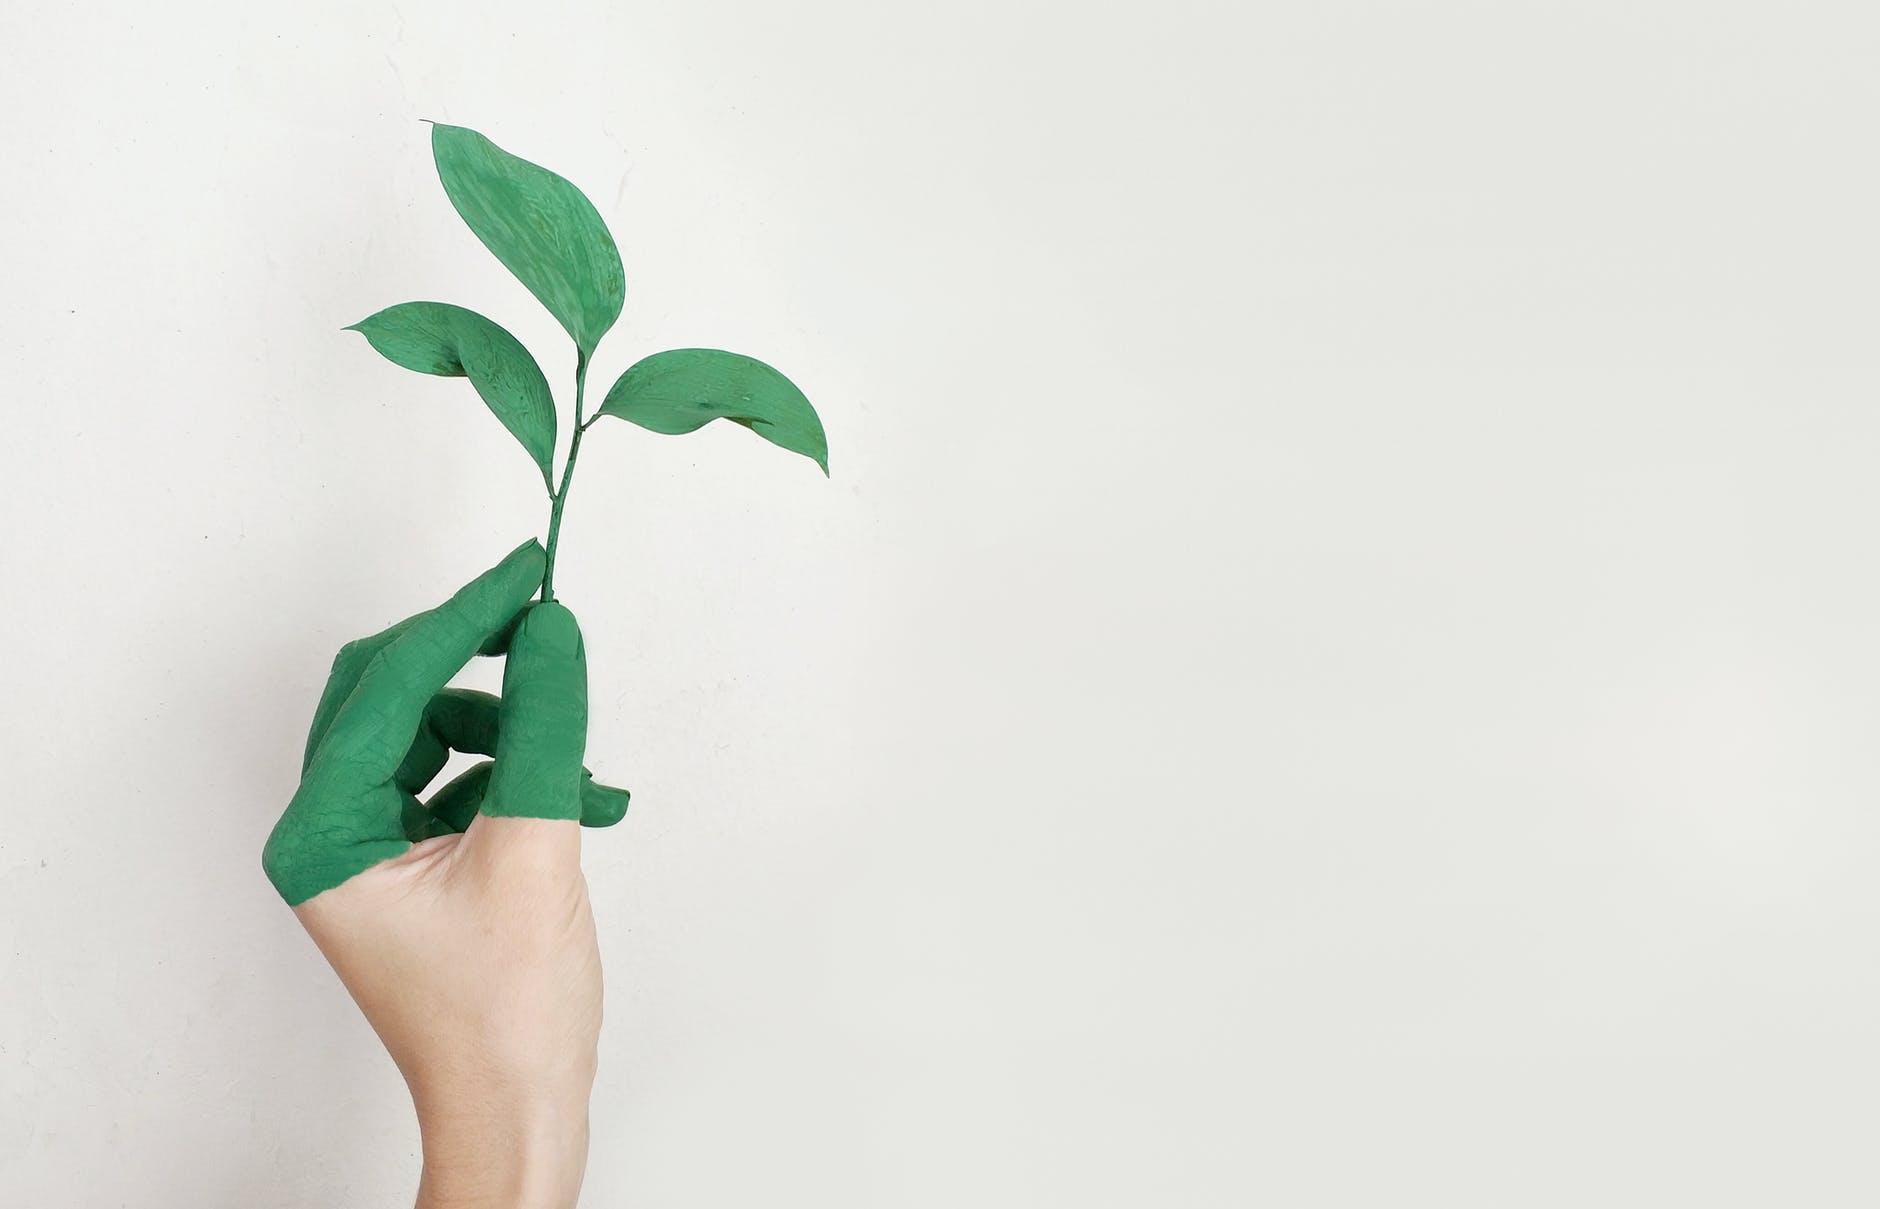 Ações para a preservação do meio ambiente